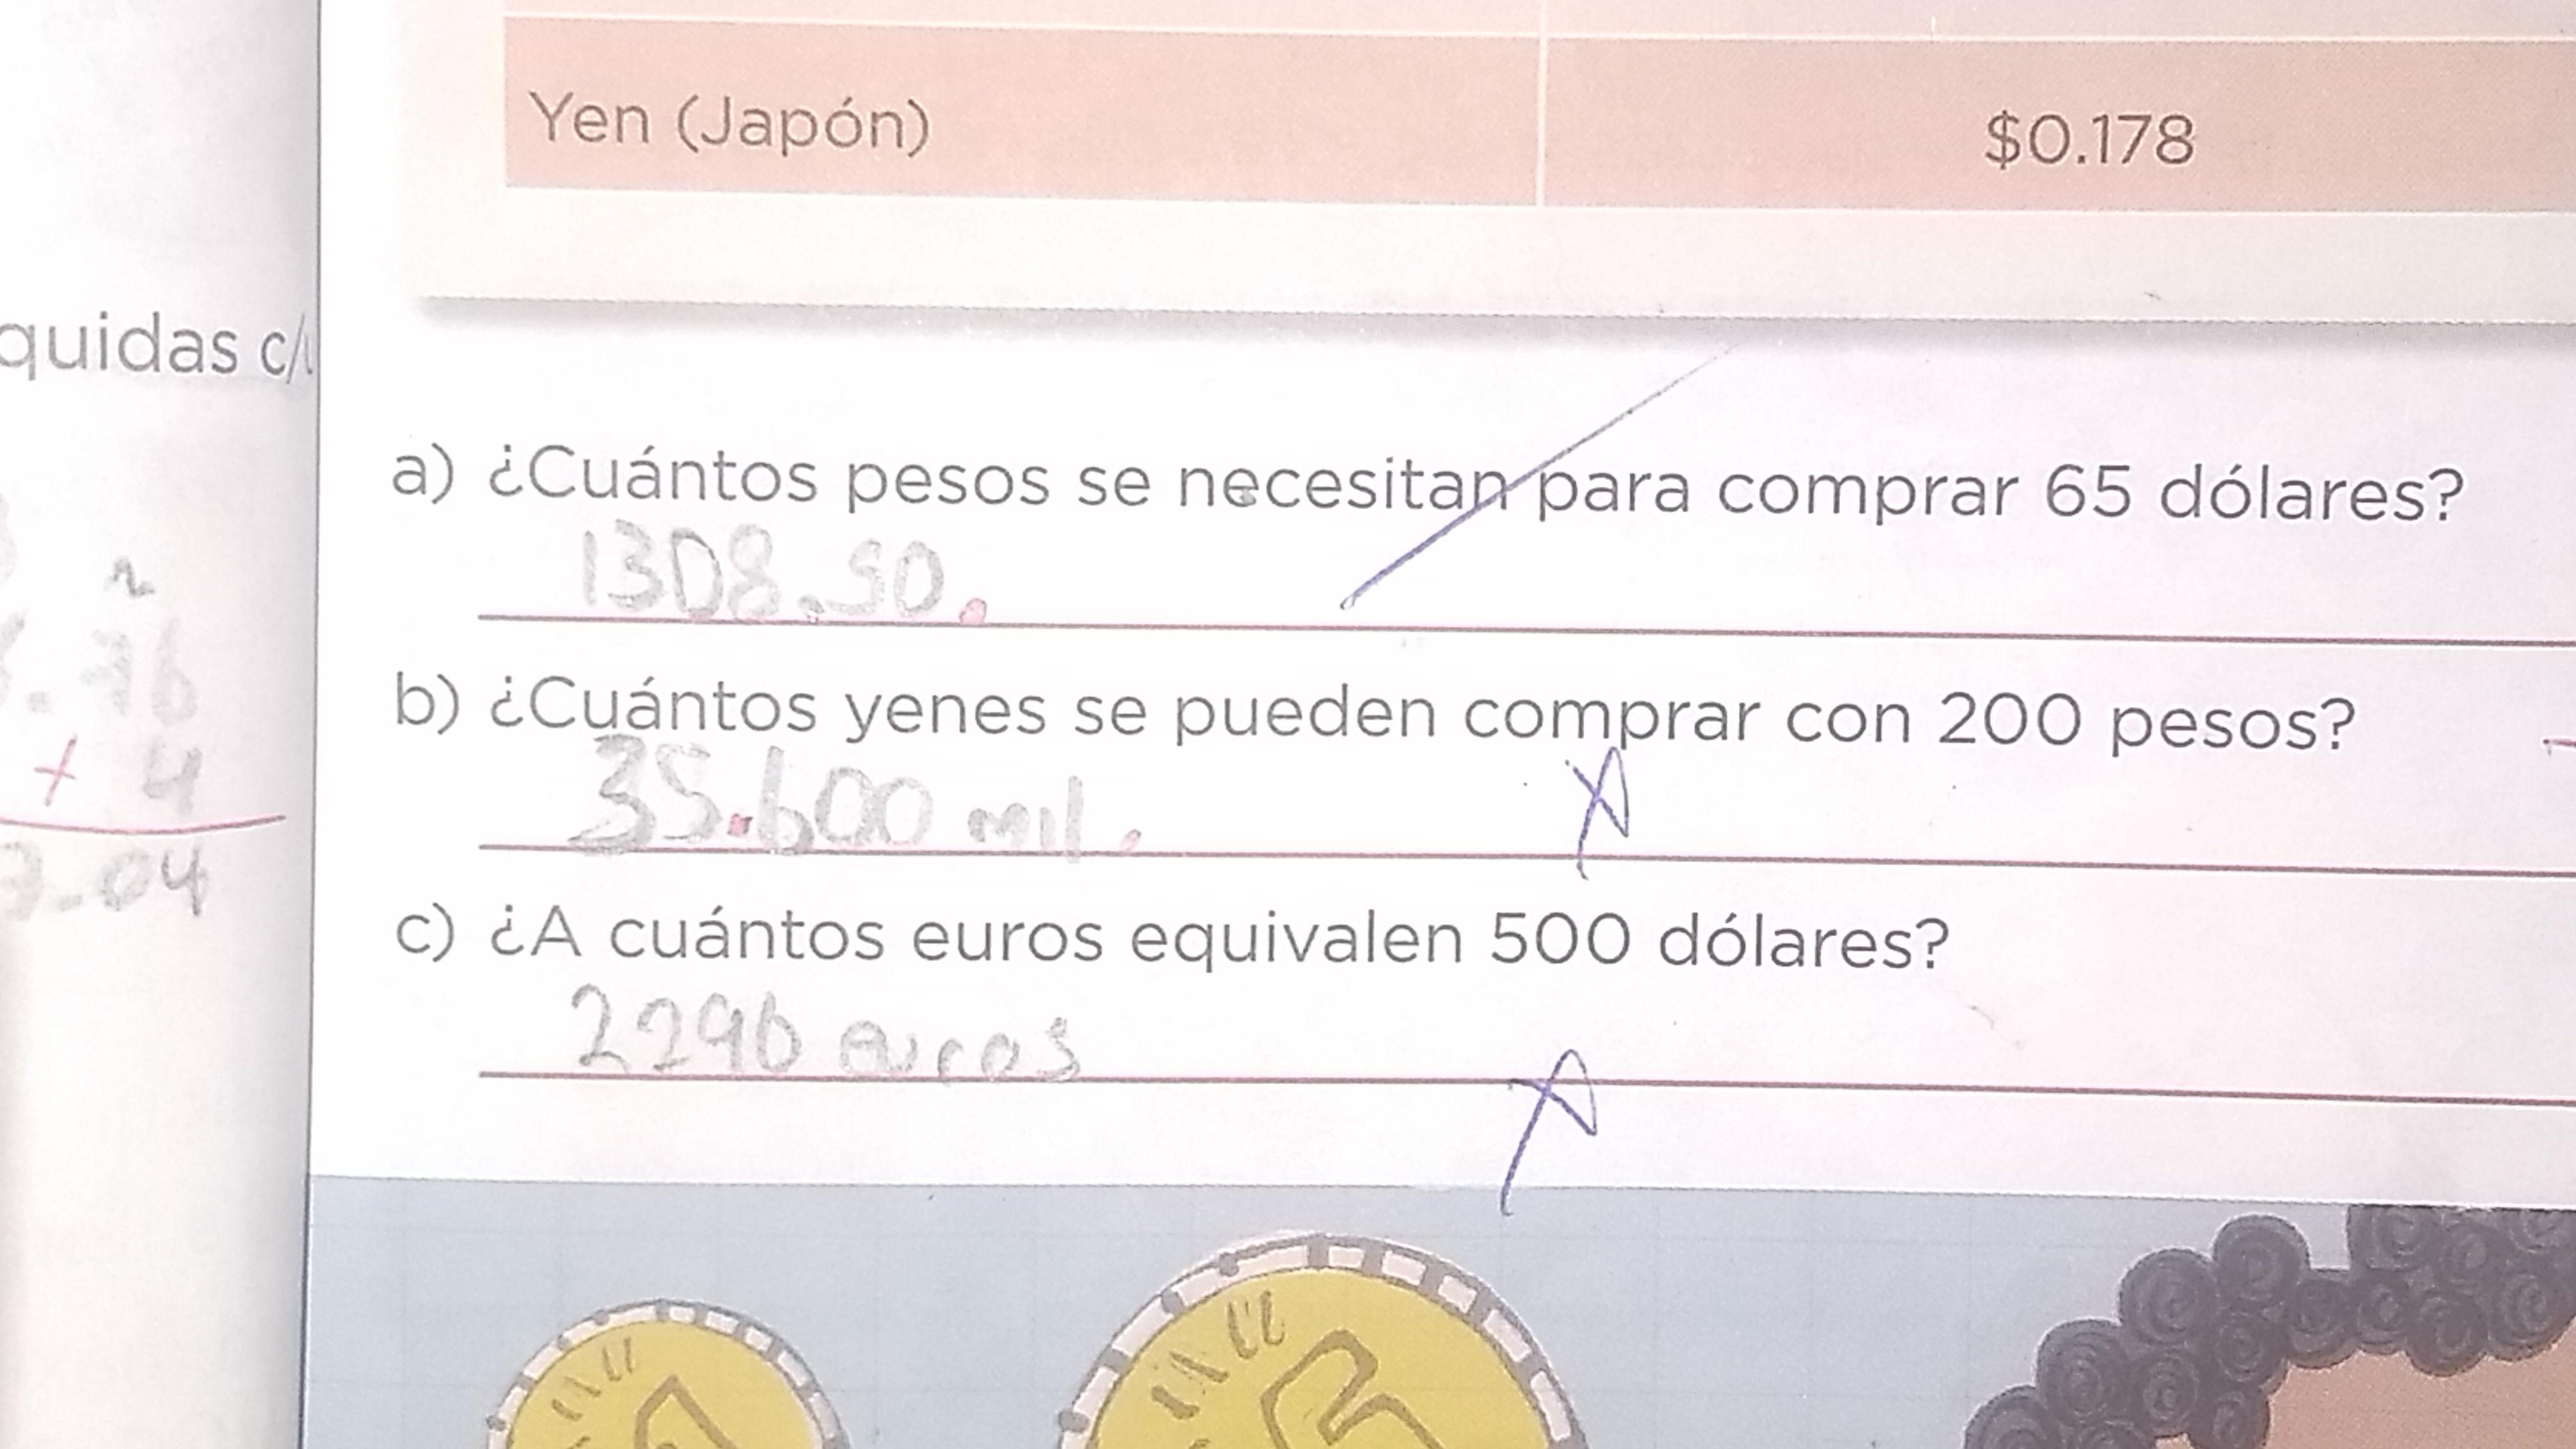 Euros Equivalen 500 Dólares Si El Euro